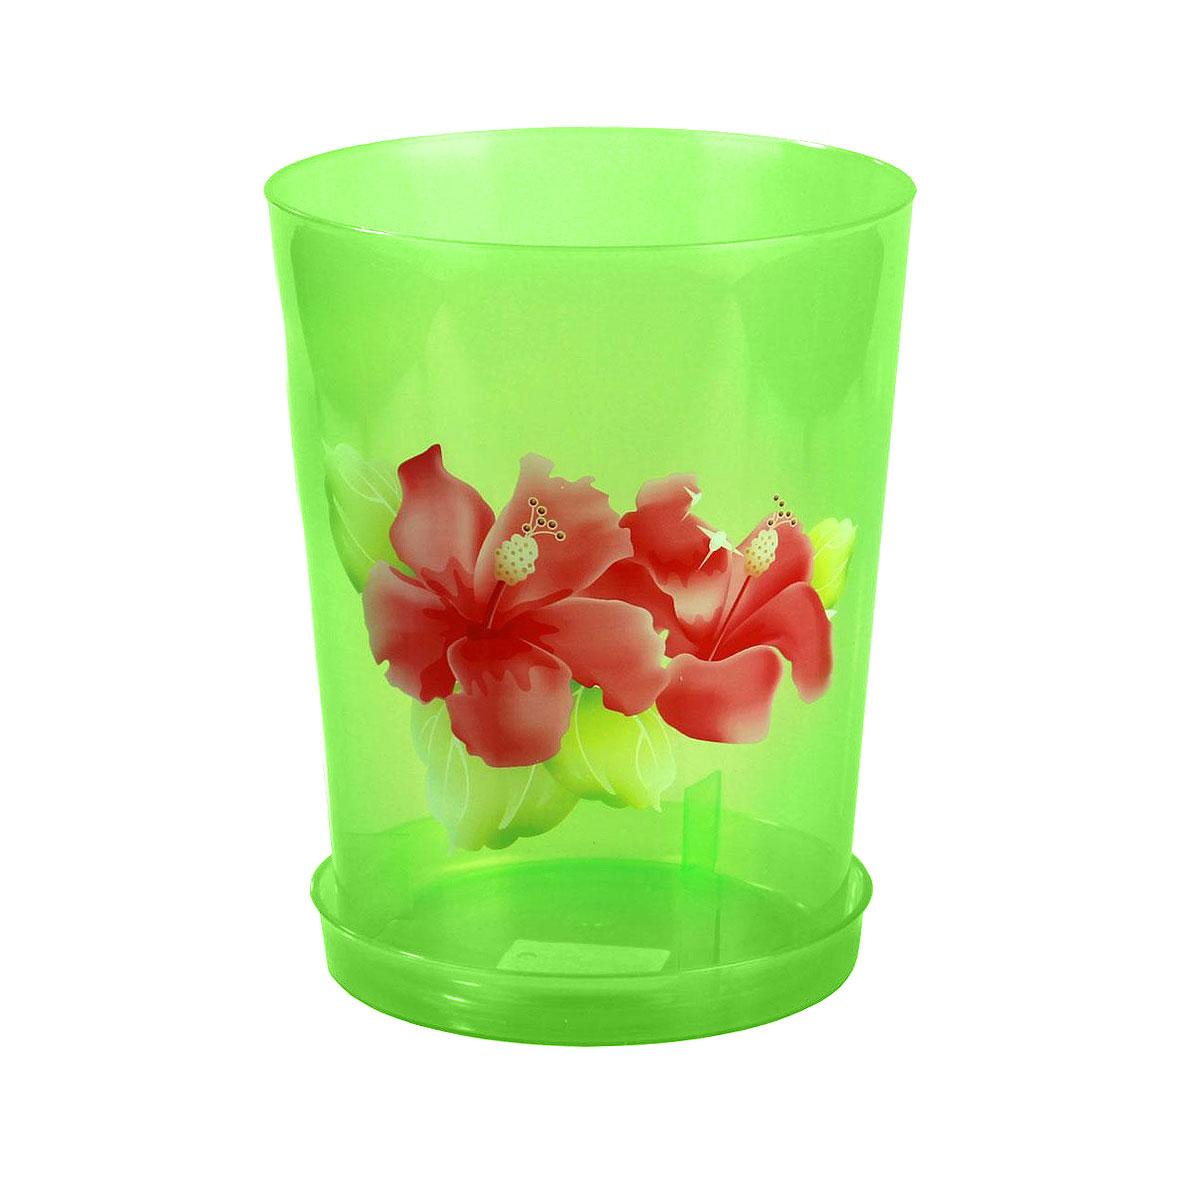 Горшок для орхидей Альтернатива, цвет: зеленый, 3,5 лМ1455Цветочный горшок Альтернатива выполнен из пластика и предназначен для выращивания в нем цветов, растений и трав. Такой горшок порадует вас современным дизайном и функциональностью, а также оригинально украсит интерьер помещения. К горшку прилагается поддон.